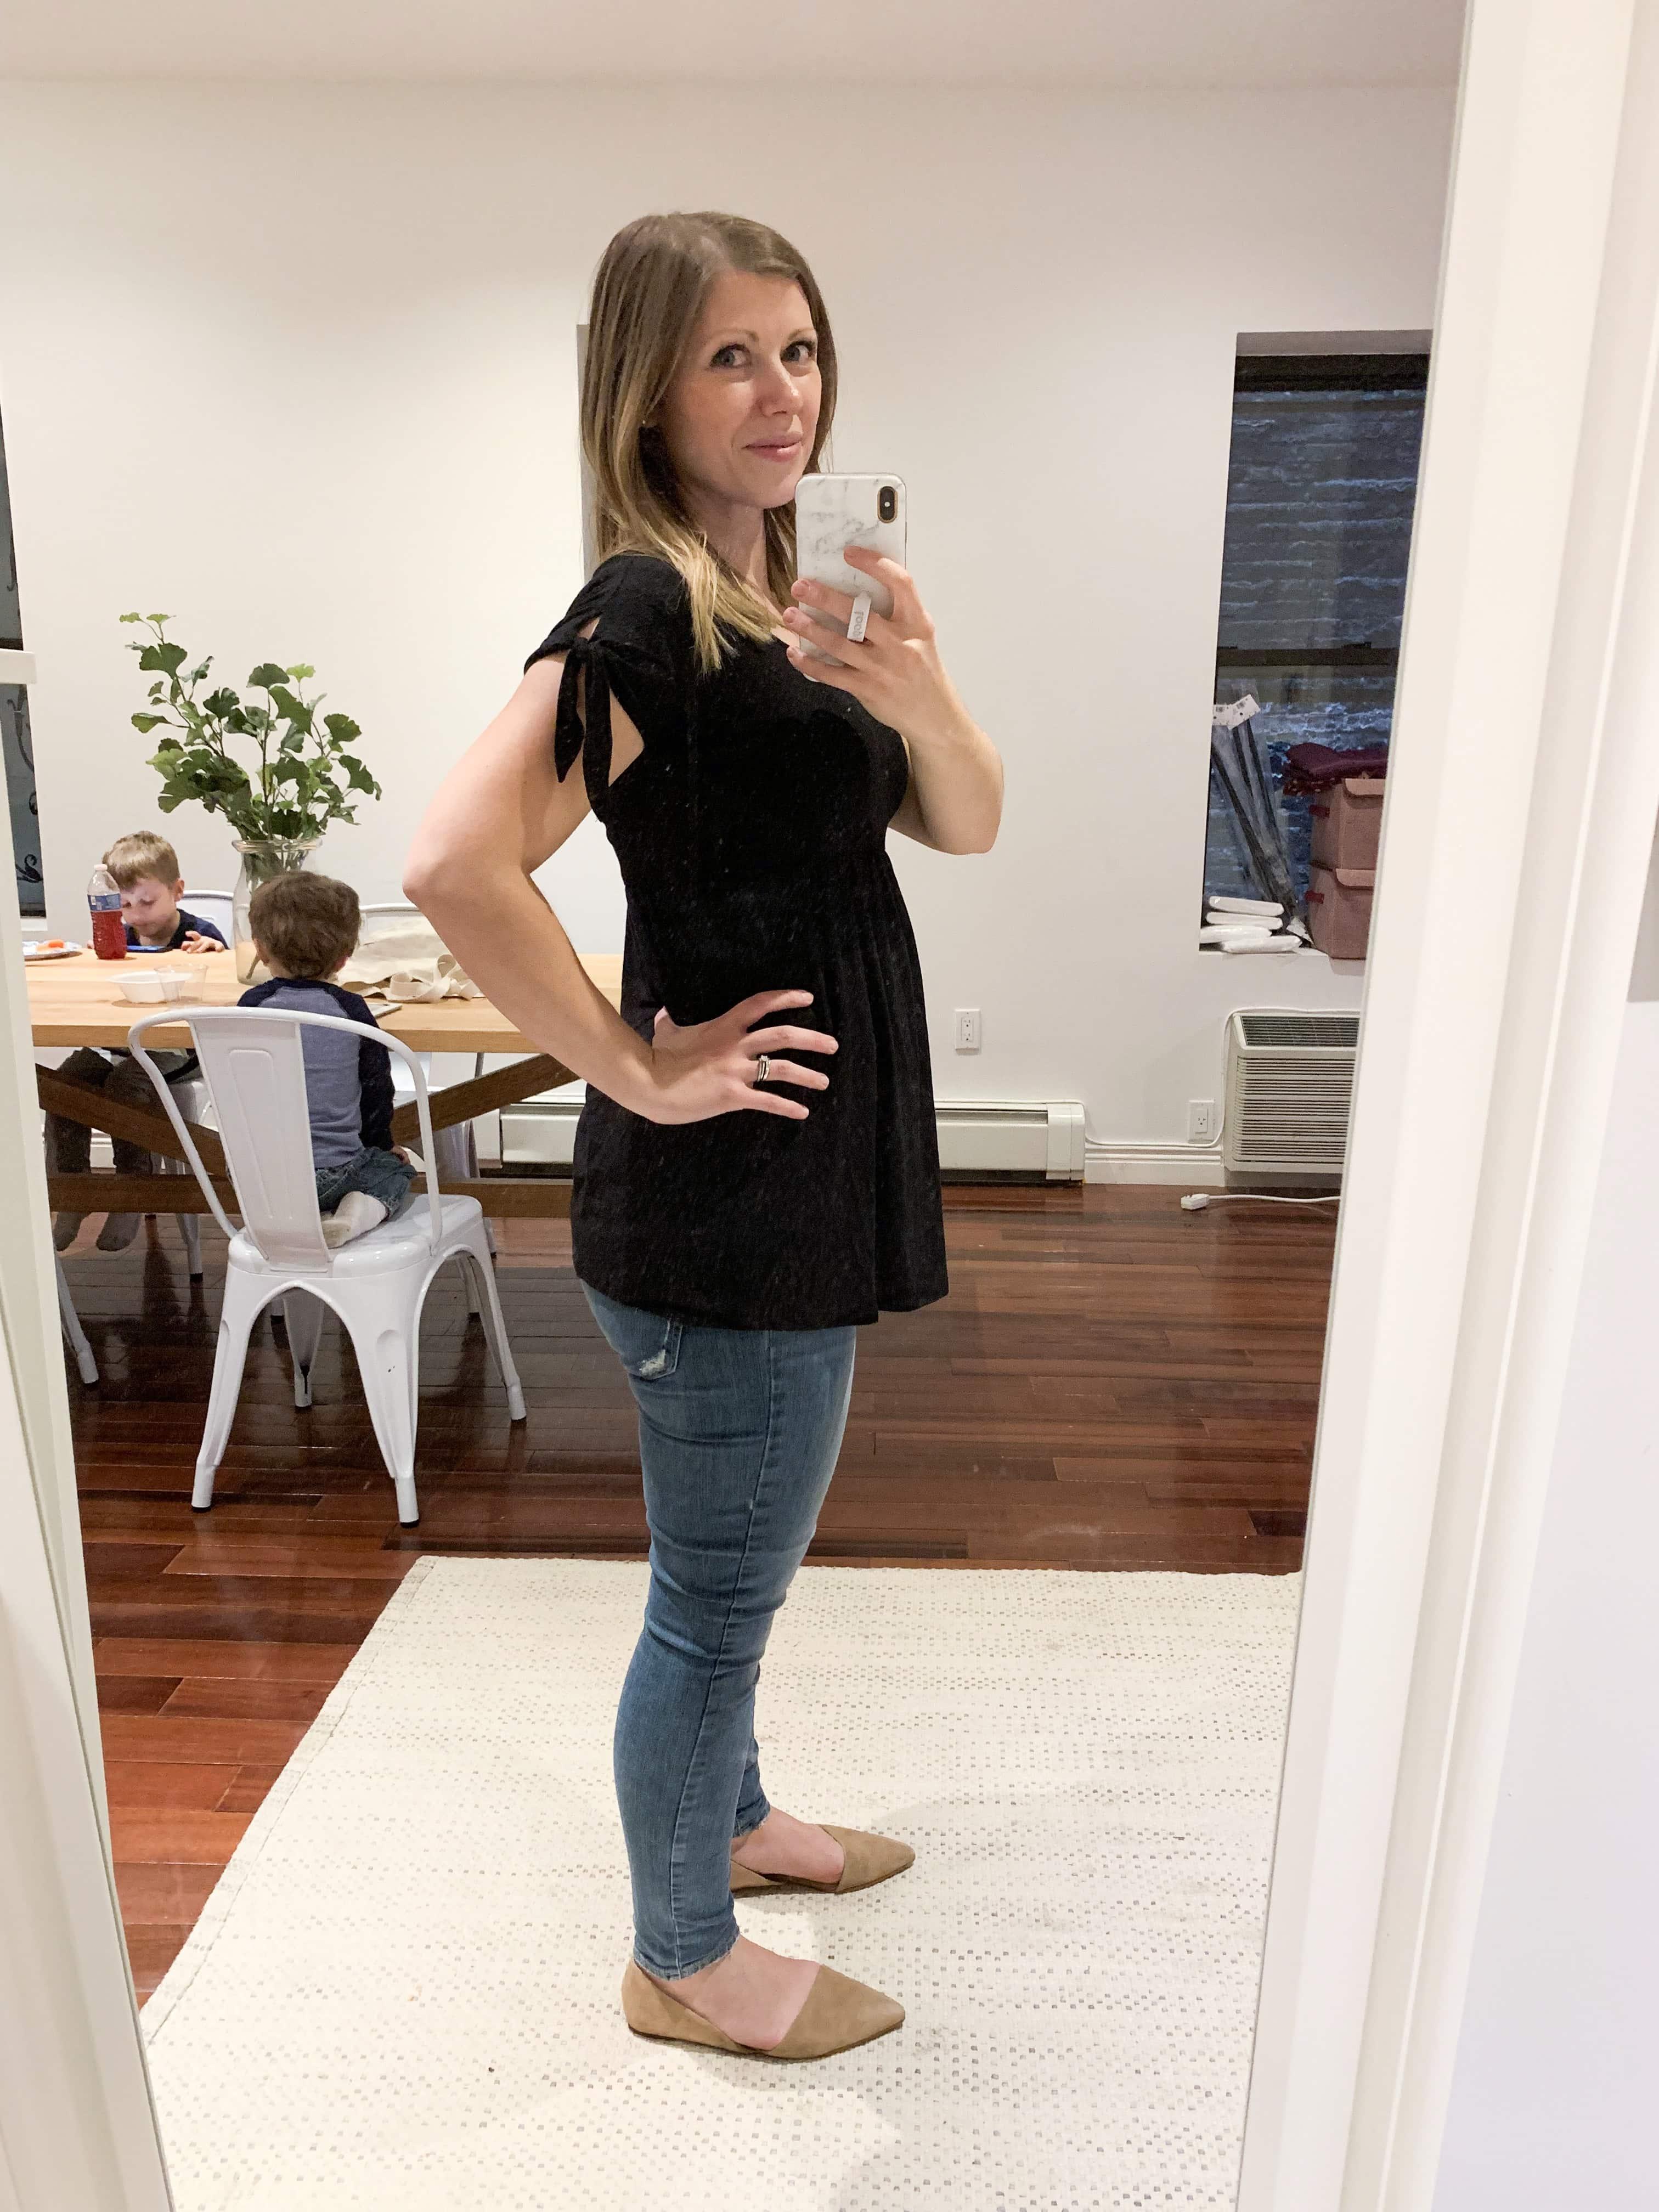 Lauren mirror picture